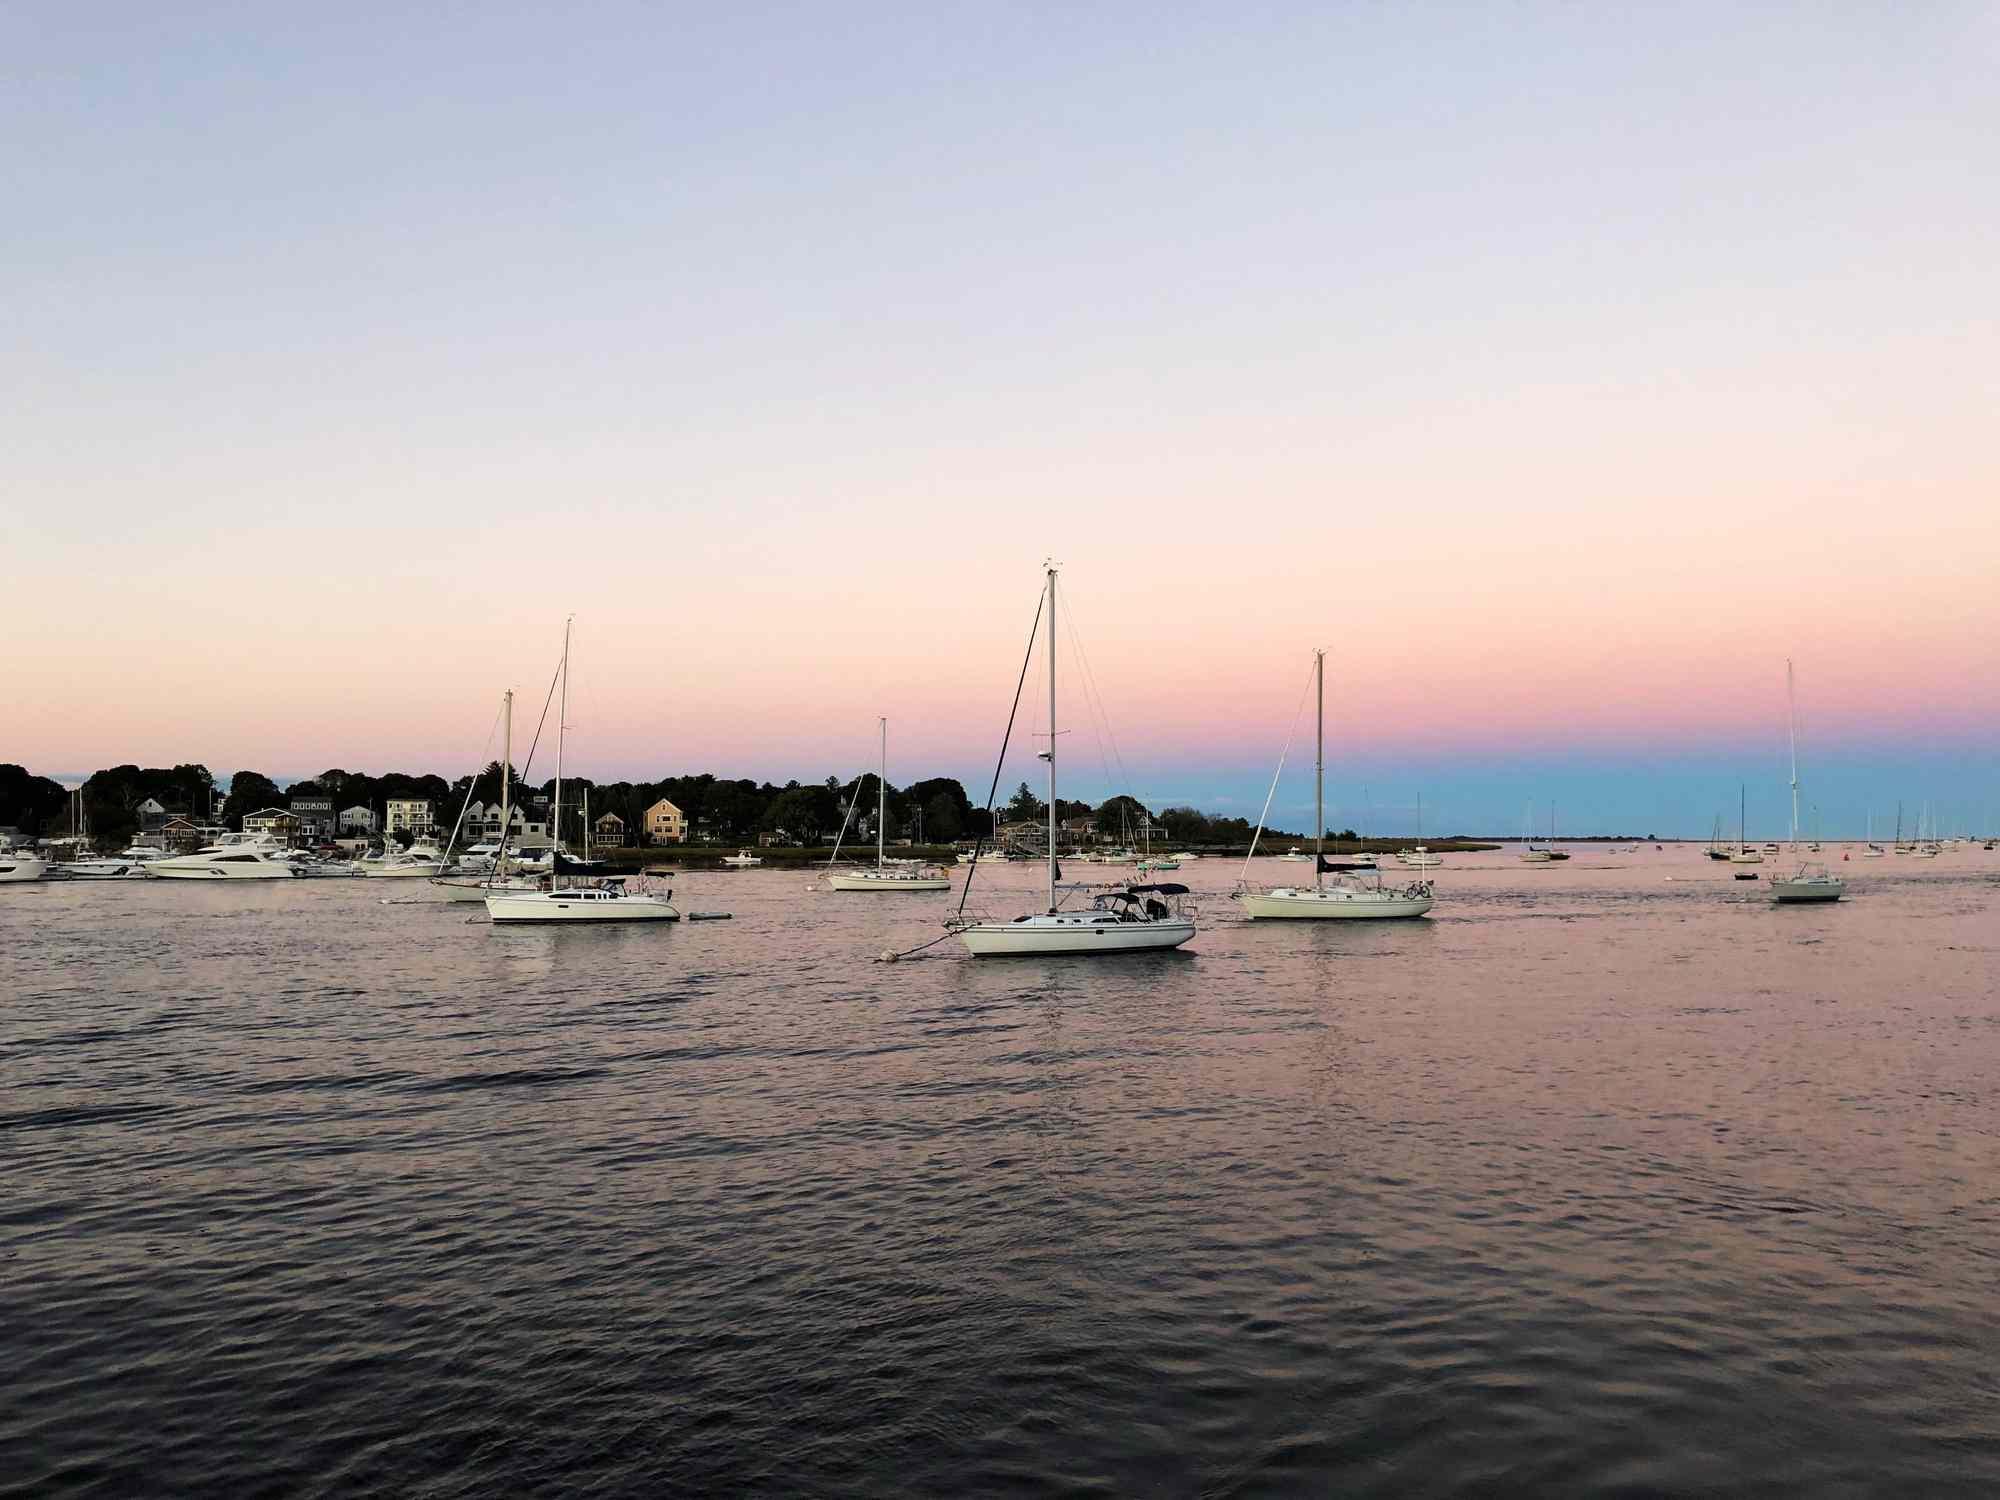 Newburyport, Massachusetts, at sunset